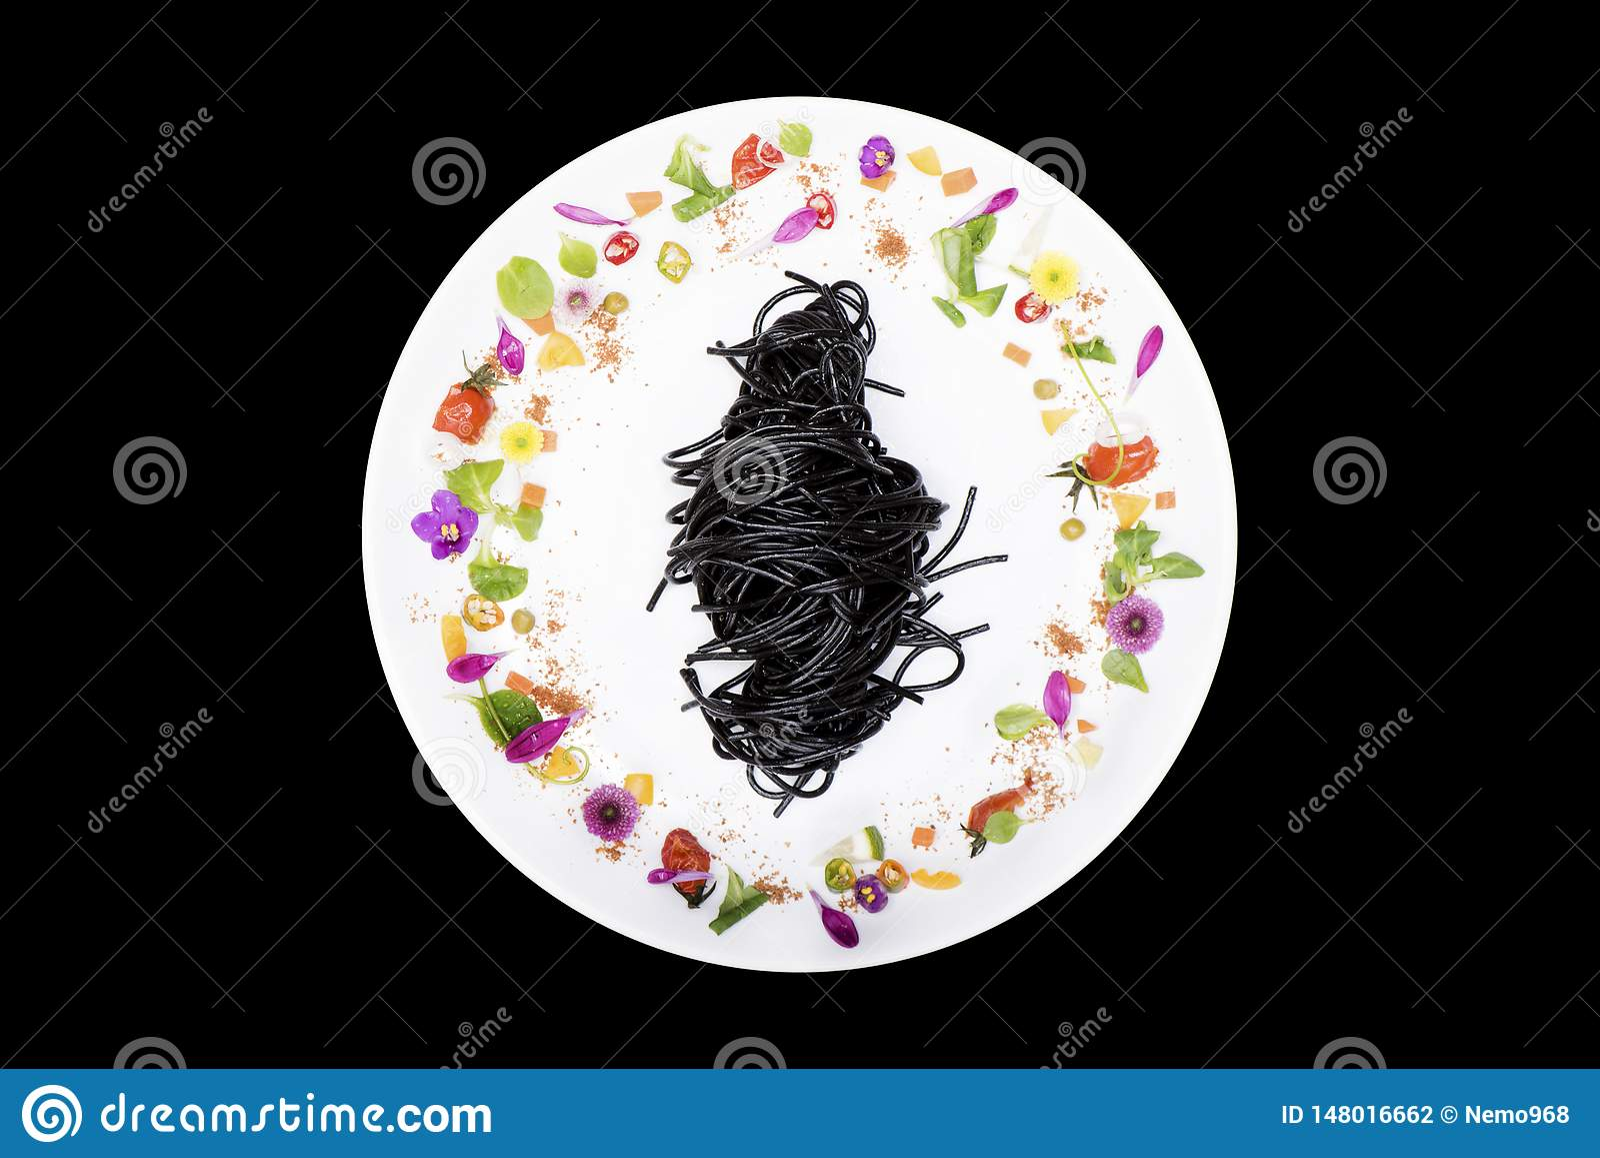 Svart tioarmad bläckfiskspagetti i platta med blommagarnering på svart bakgrund